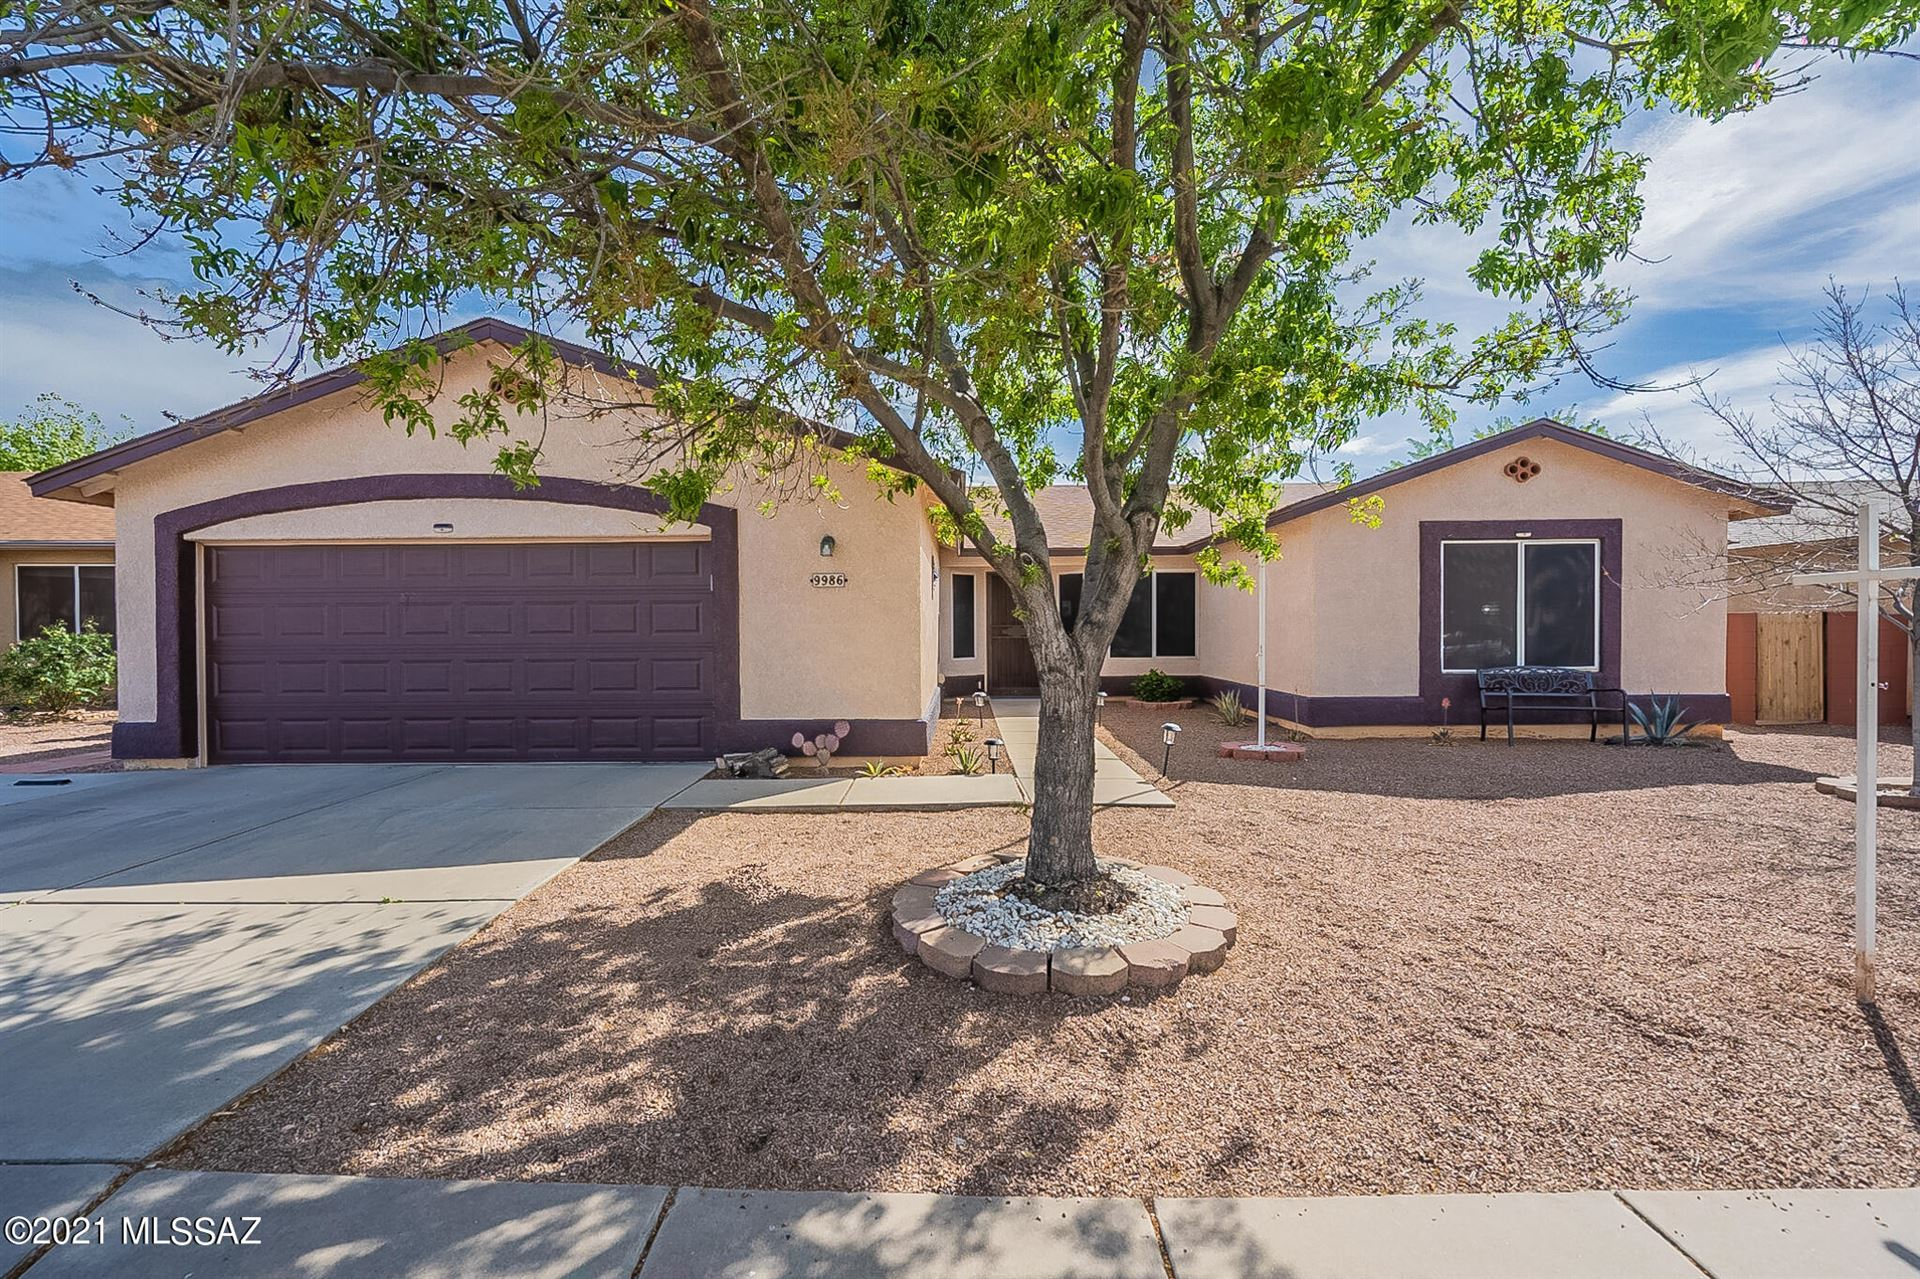 9986 E Depot Drive, Tucson, AZ 85747 - MLS#: 22109879